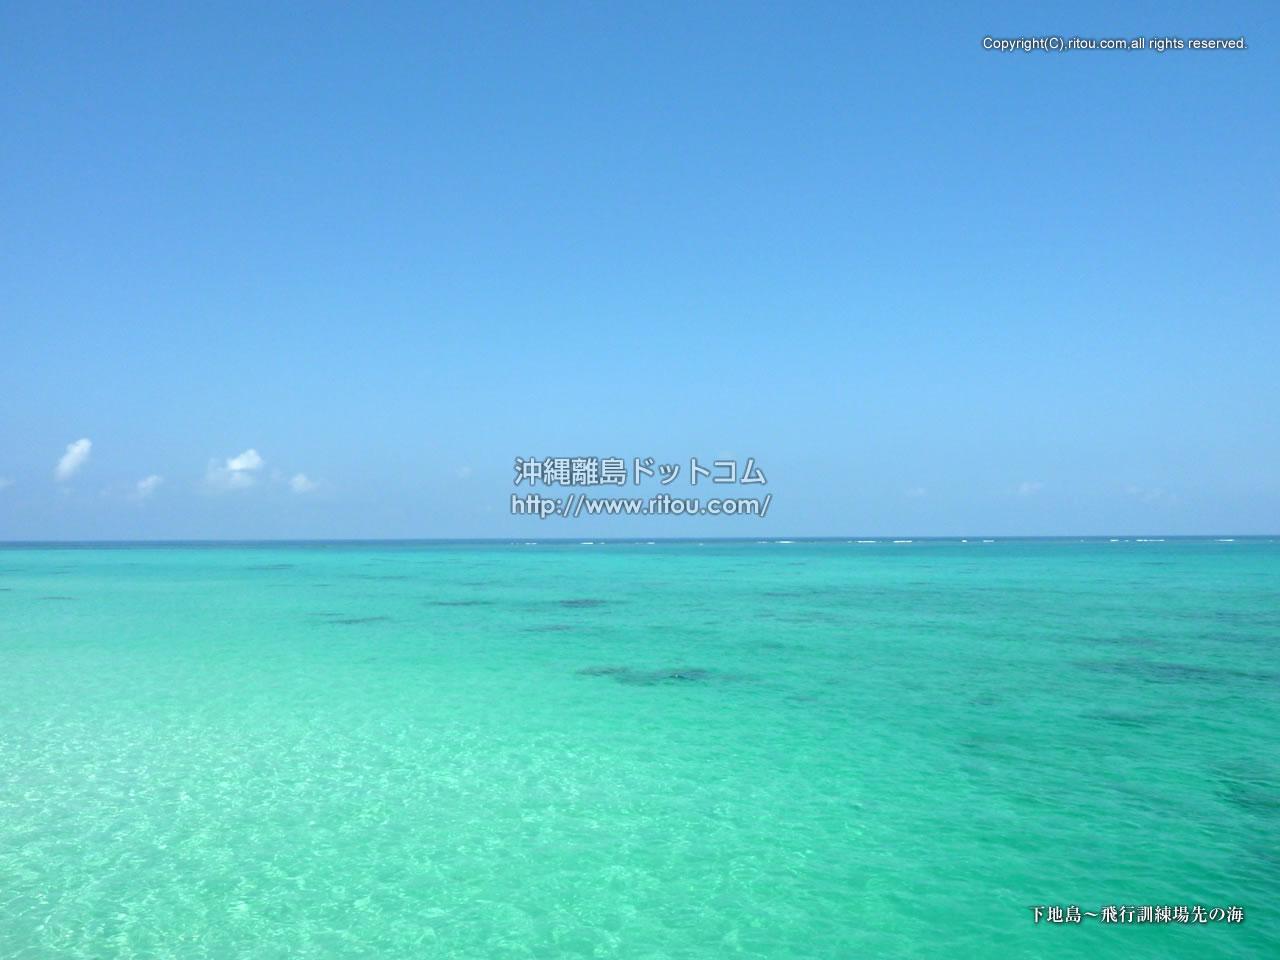 下地島〜飛行訓練場先の海